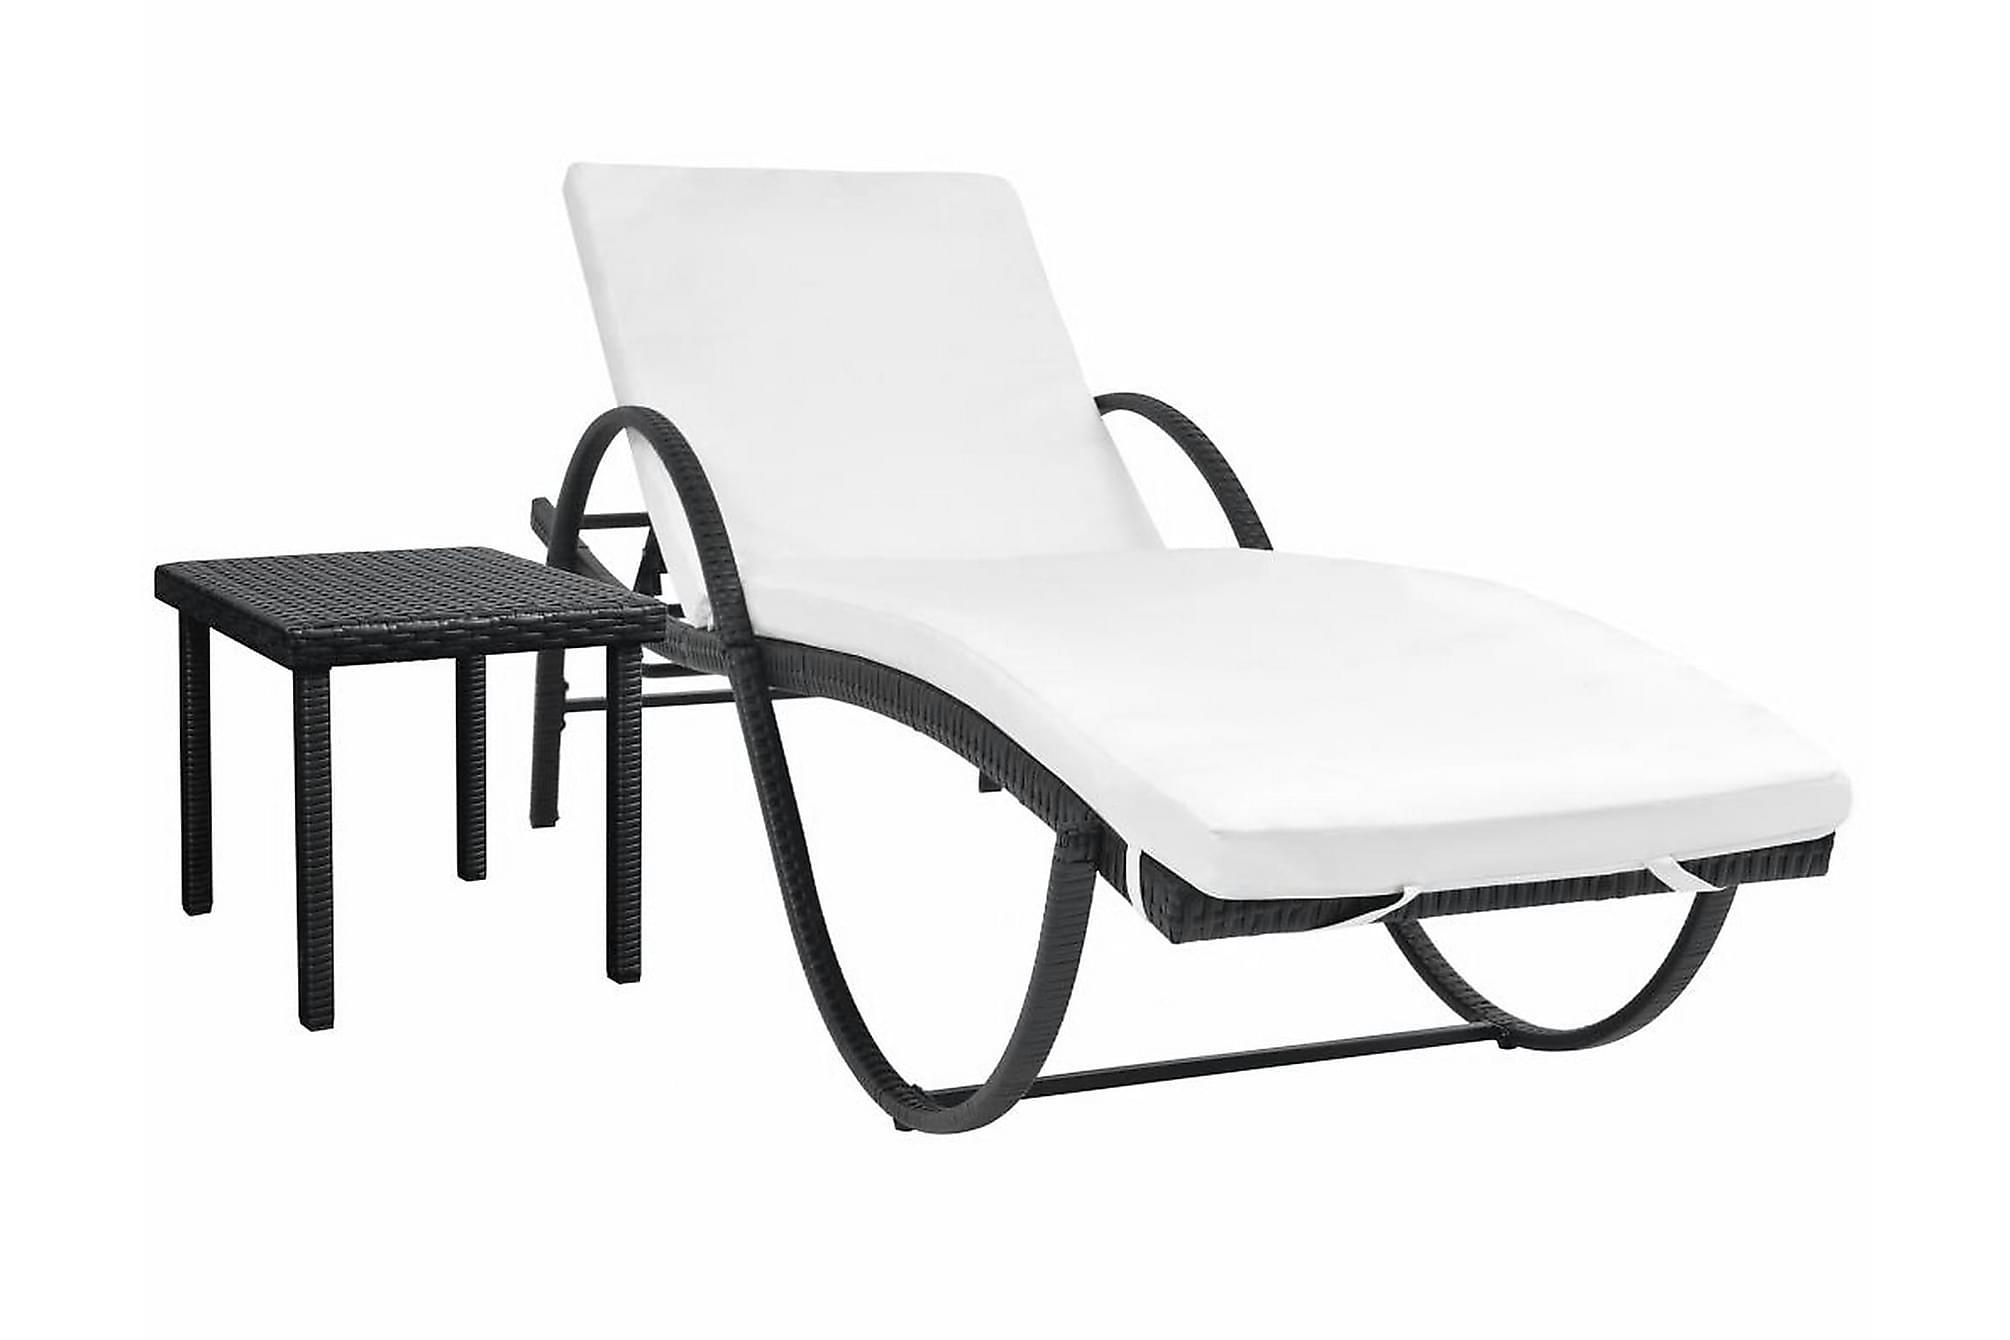 Solsäng med dyna & bord konstrotting svart